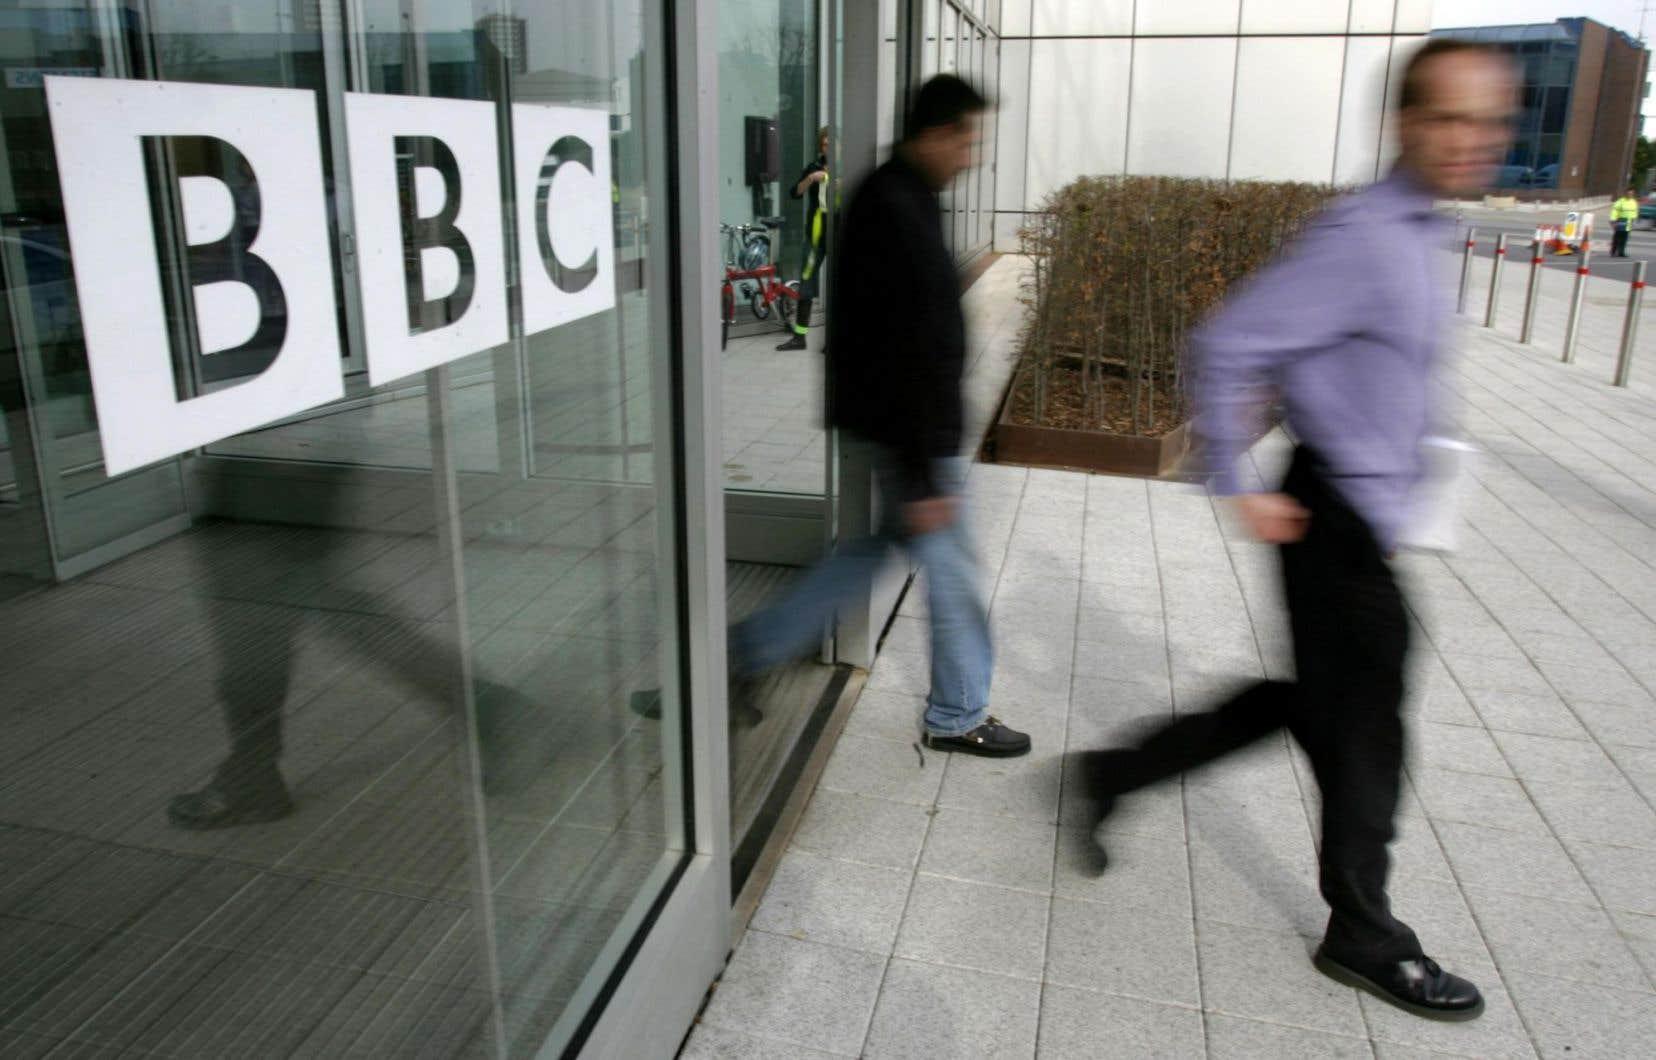 Ces annonces interviennent alors que la BBC a dû gérer ces derniers temps plusieurs coups durs pour son offre audiovisuelle.